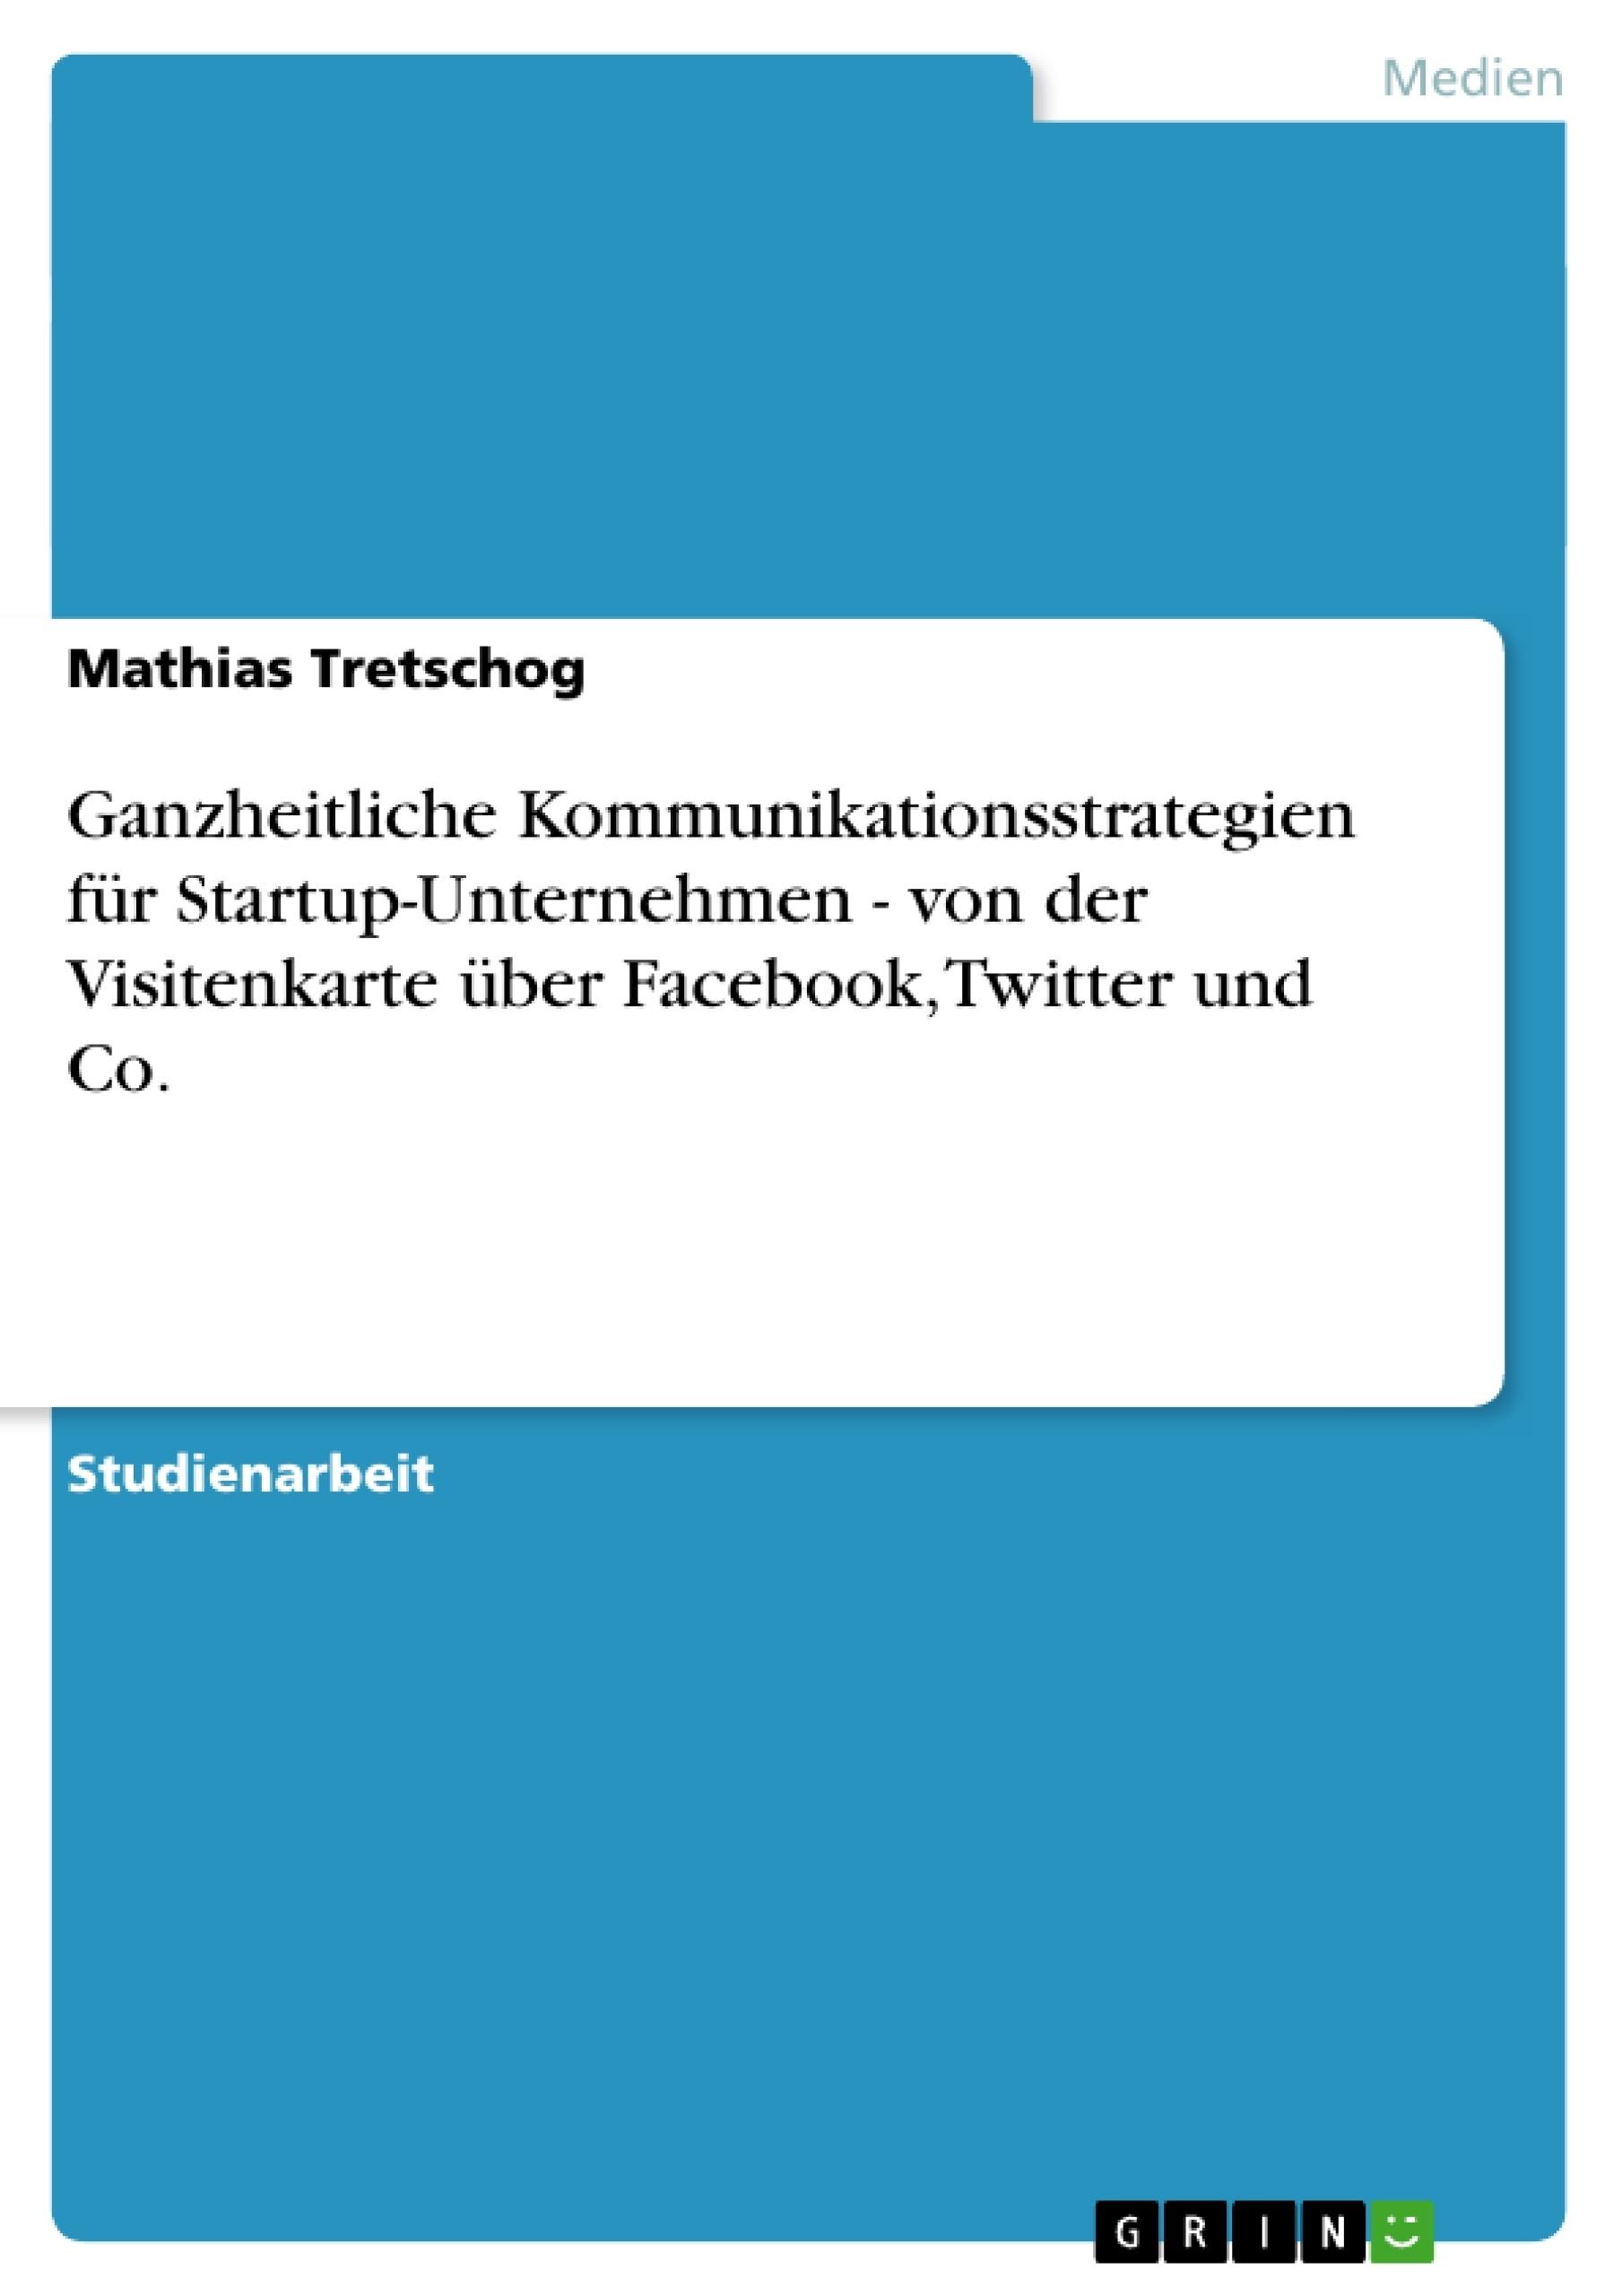 Titel: Ganzheitliche Kommunikationsstrategien für Startup-Unternehmen - von der Visitenkarte über Facebook, Twitter und Co.